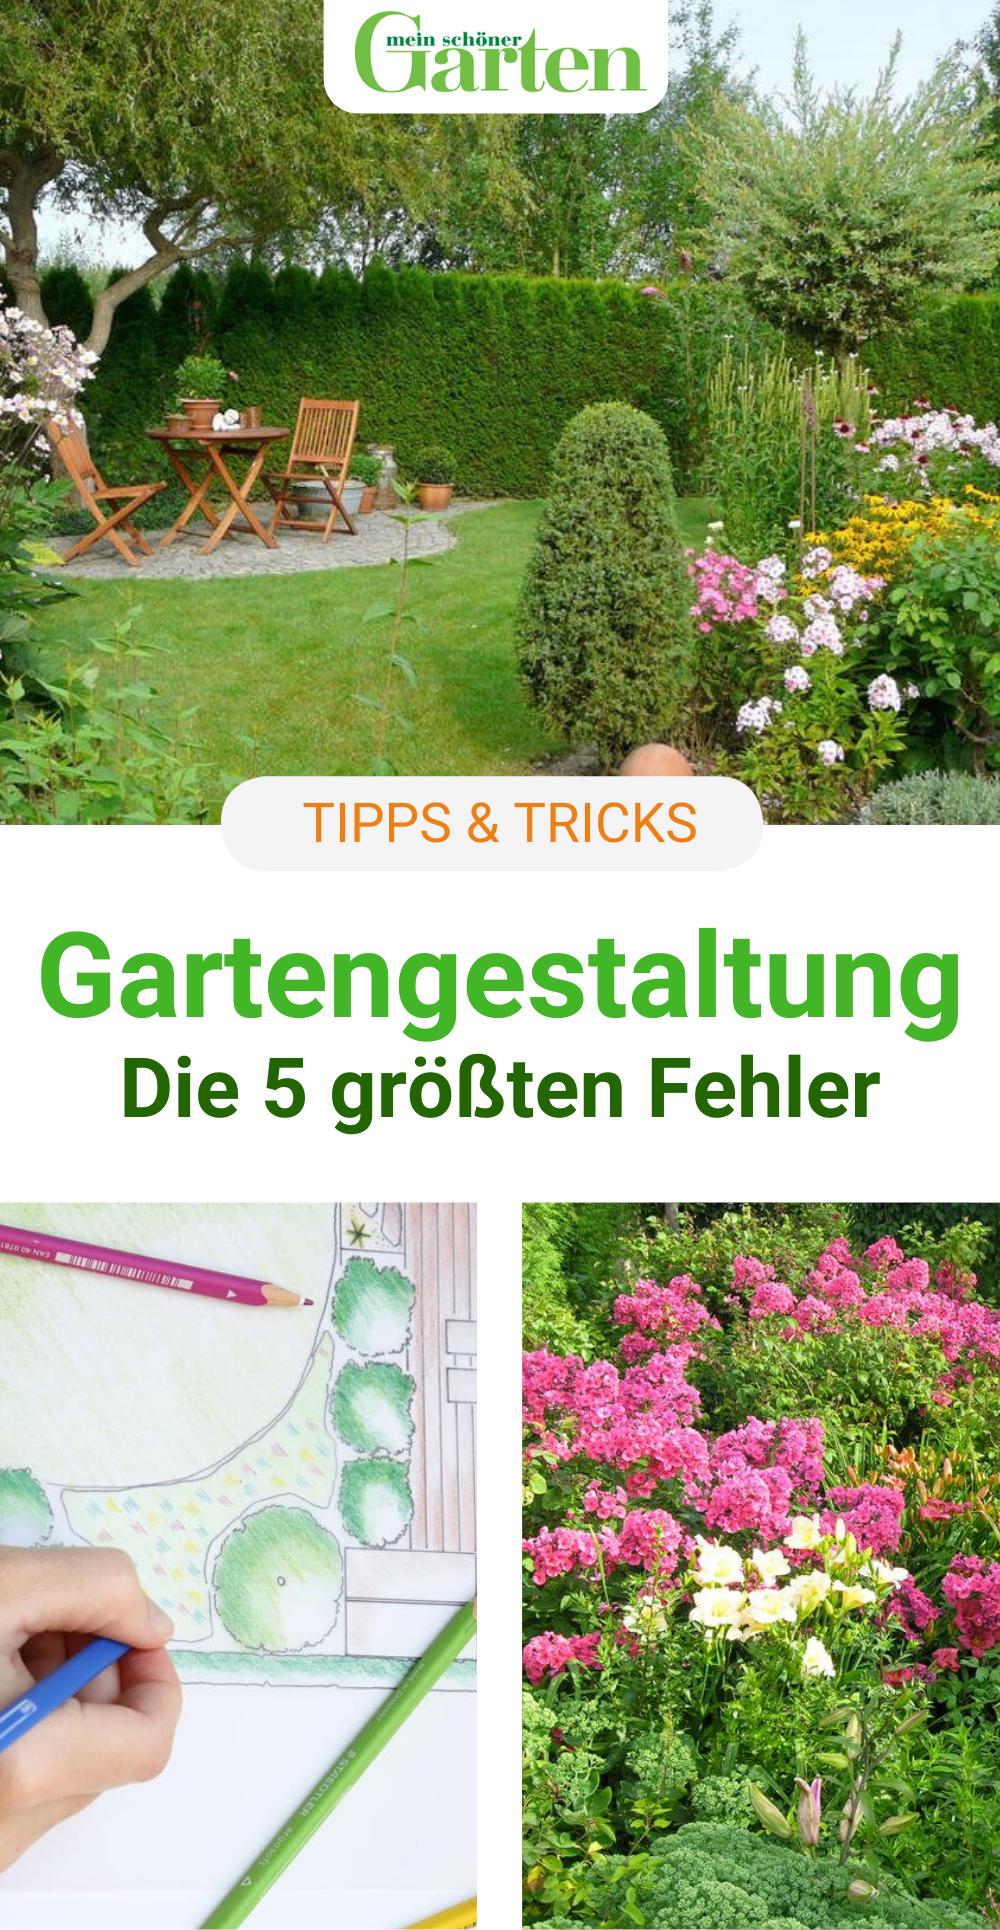 Die 5 Grossten Fehler Bei Der Gartengestaltung In 2020 Garten Ideen Gestaltung Vorgarten Garten Bepflanzen Garten